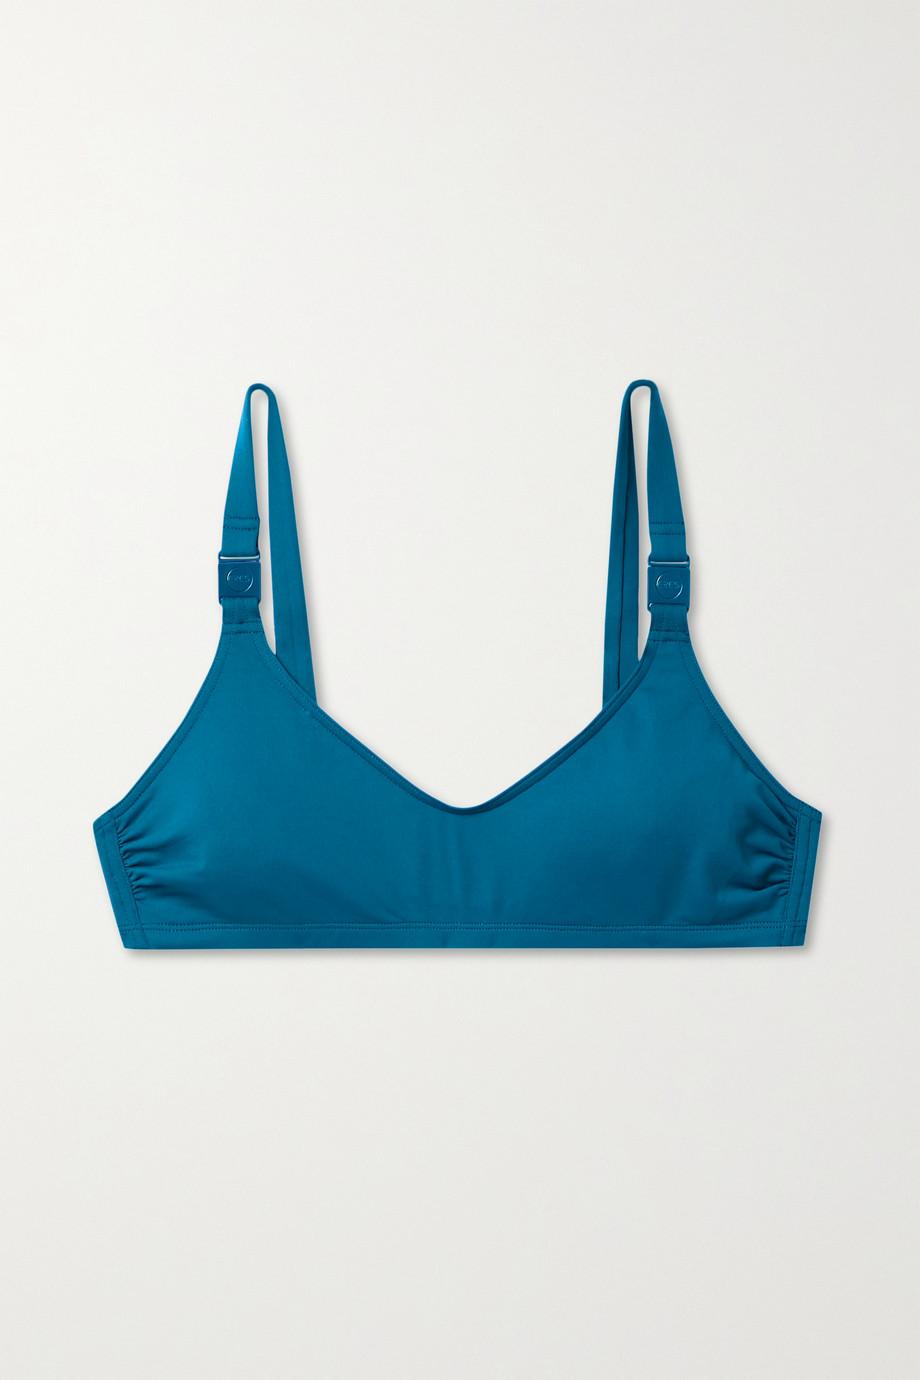 Eres Clip Oups bikini top